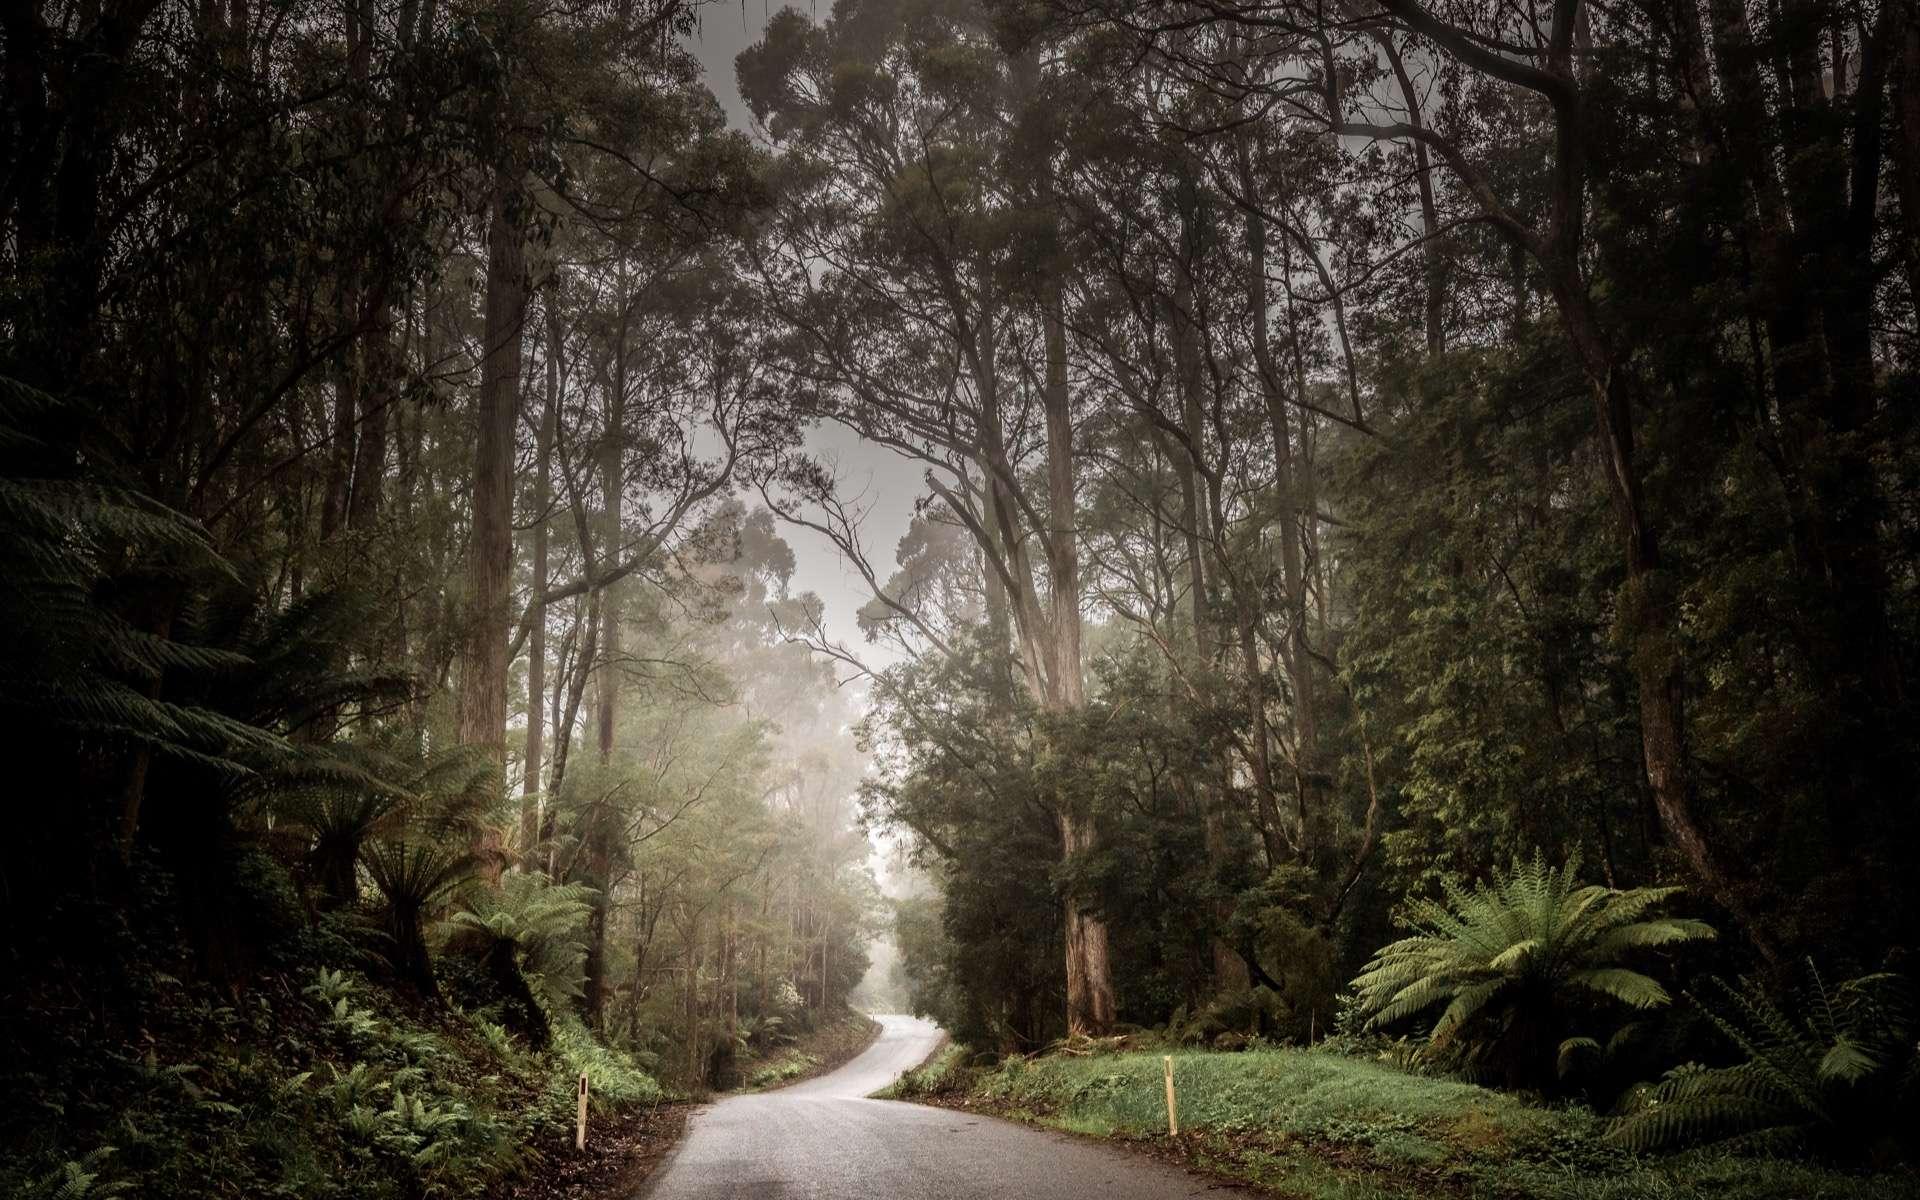 Les incendies en Australie ont détruit 20 % des forêts sur le continent. Photo d'un paysage de Cradle Mountain dans la région de Tarkine sur l'île de Tasmanie. © Thomas Jastram, Adobe Stock